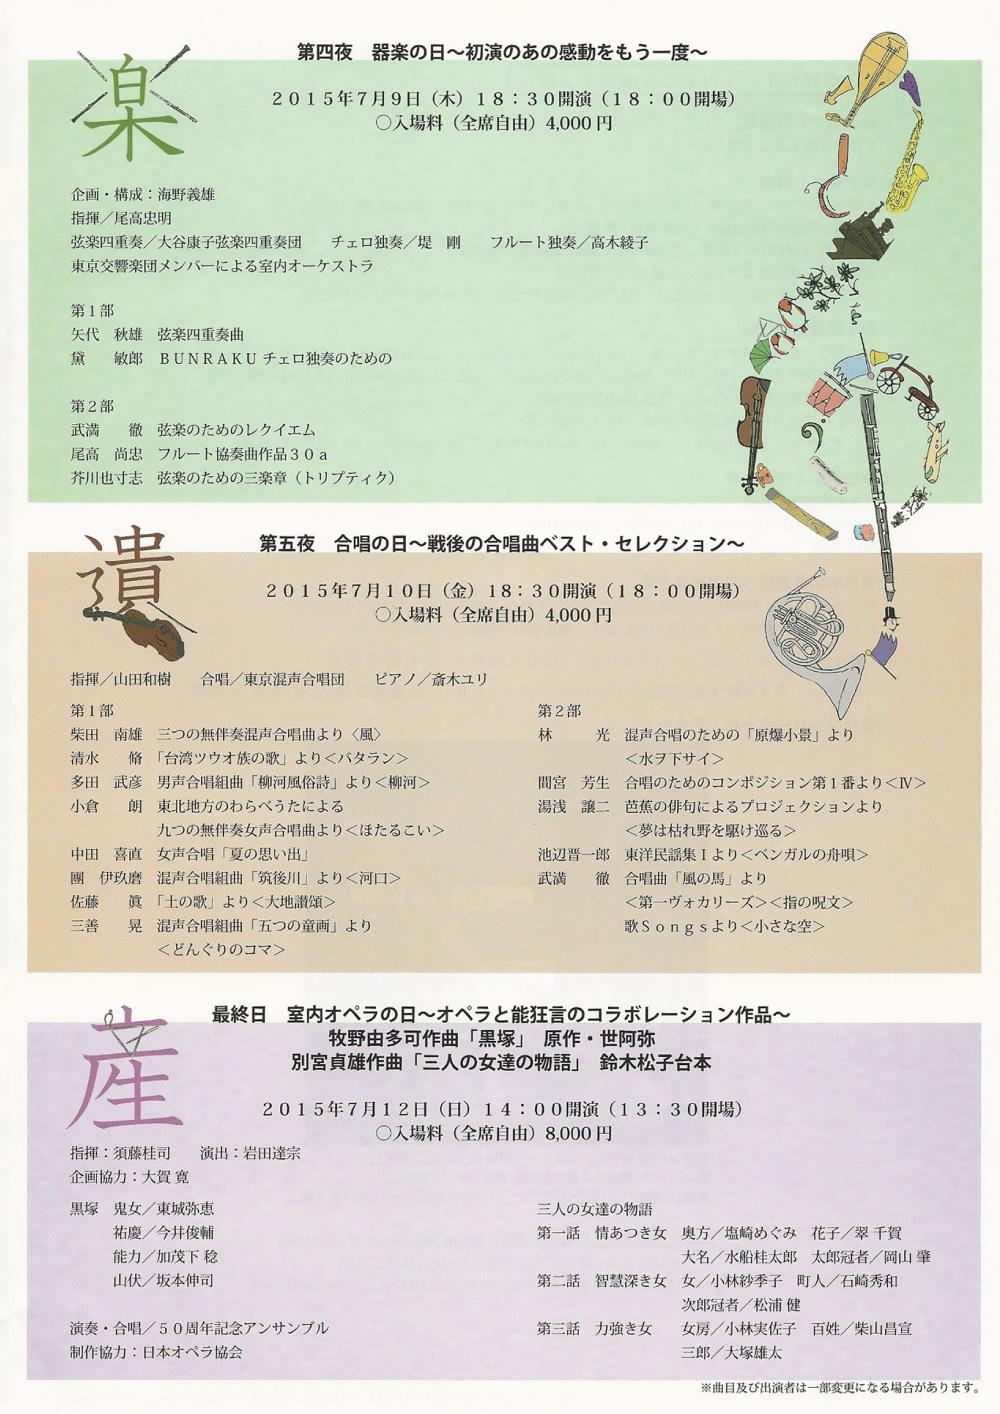 公益社団法人日本演奏家連盟 創立50周年記念事業